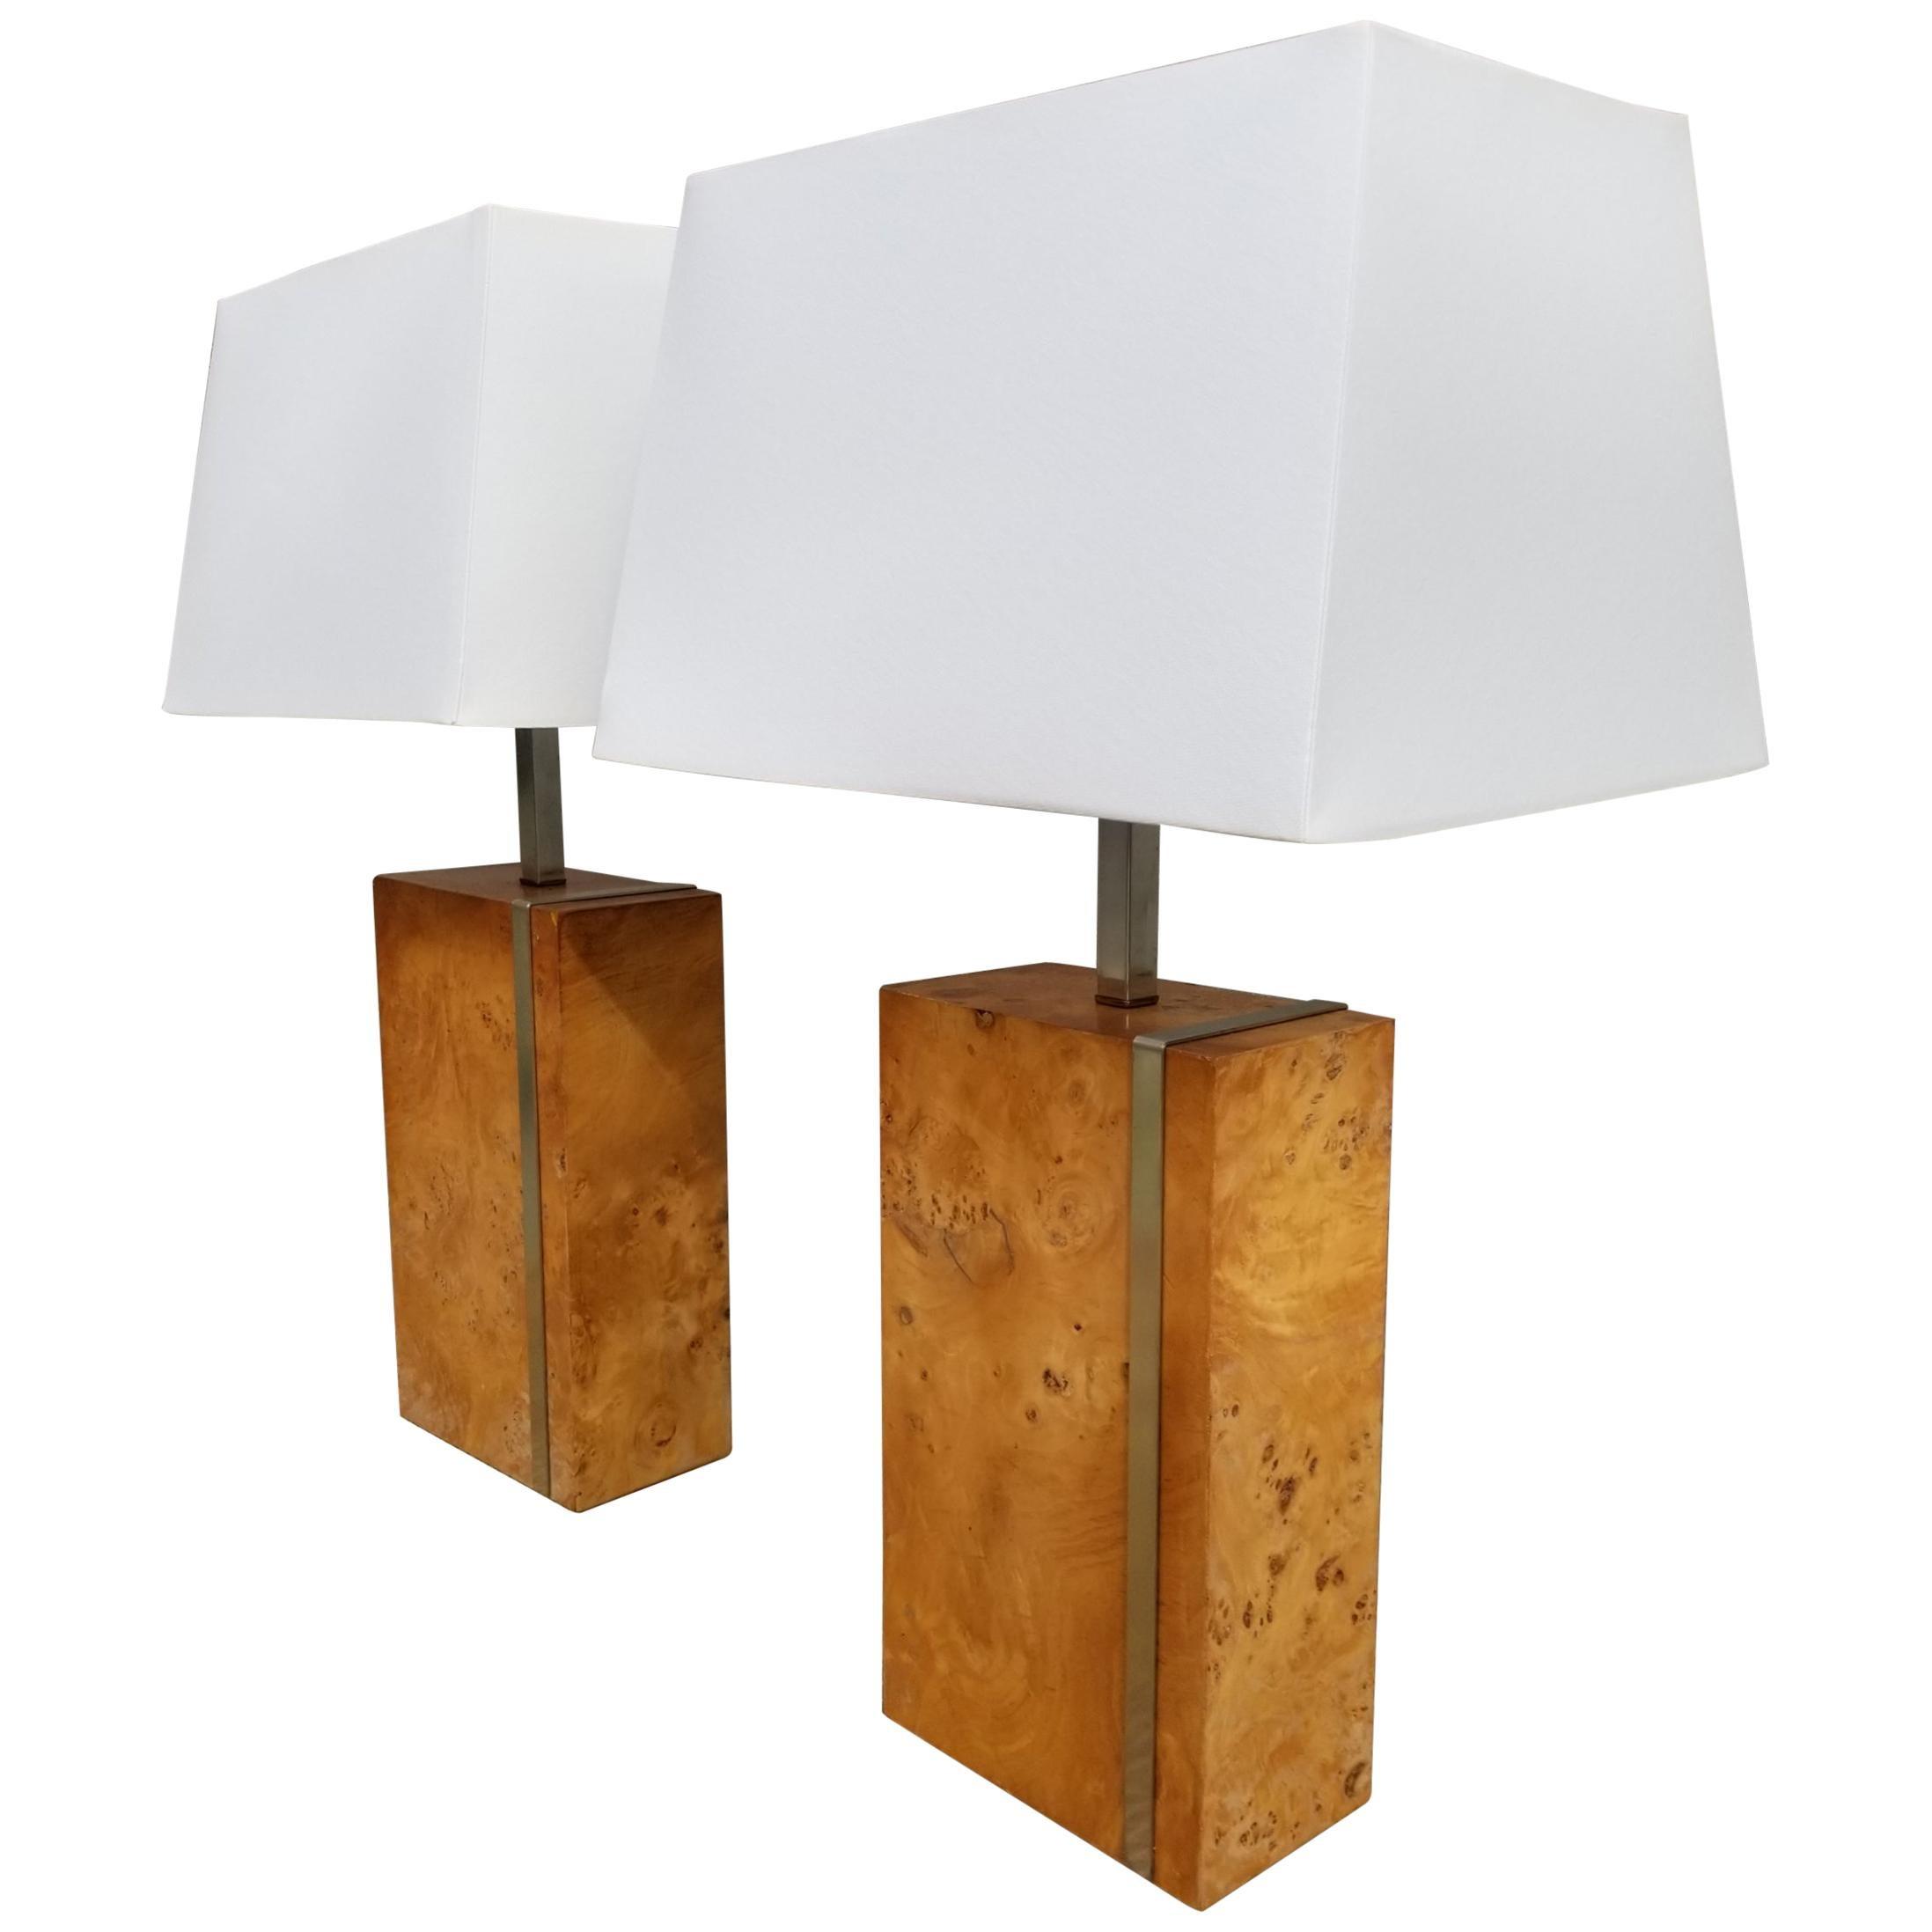 Laurel Lighting Burl-Wood Table Lamps